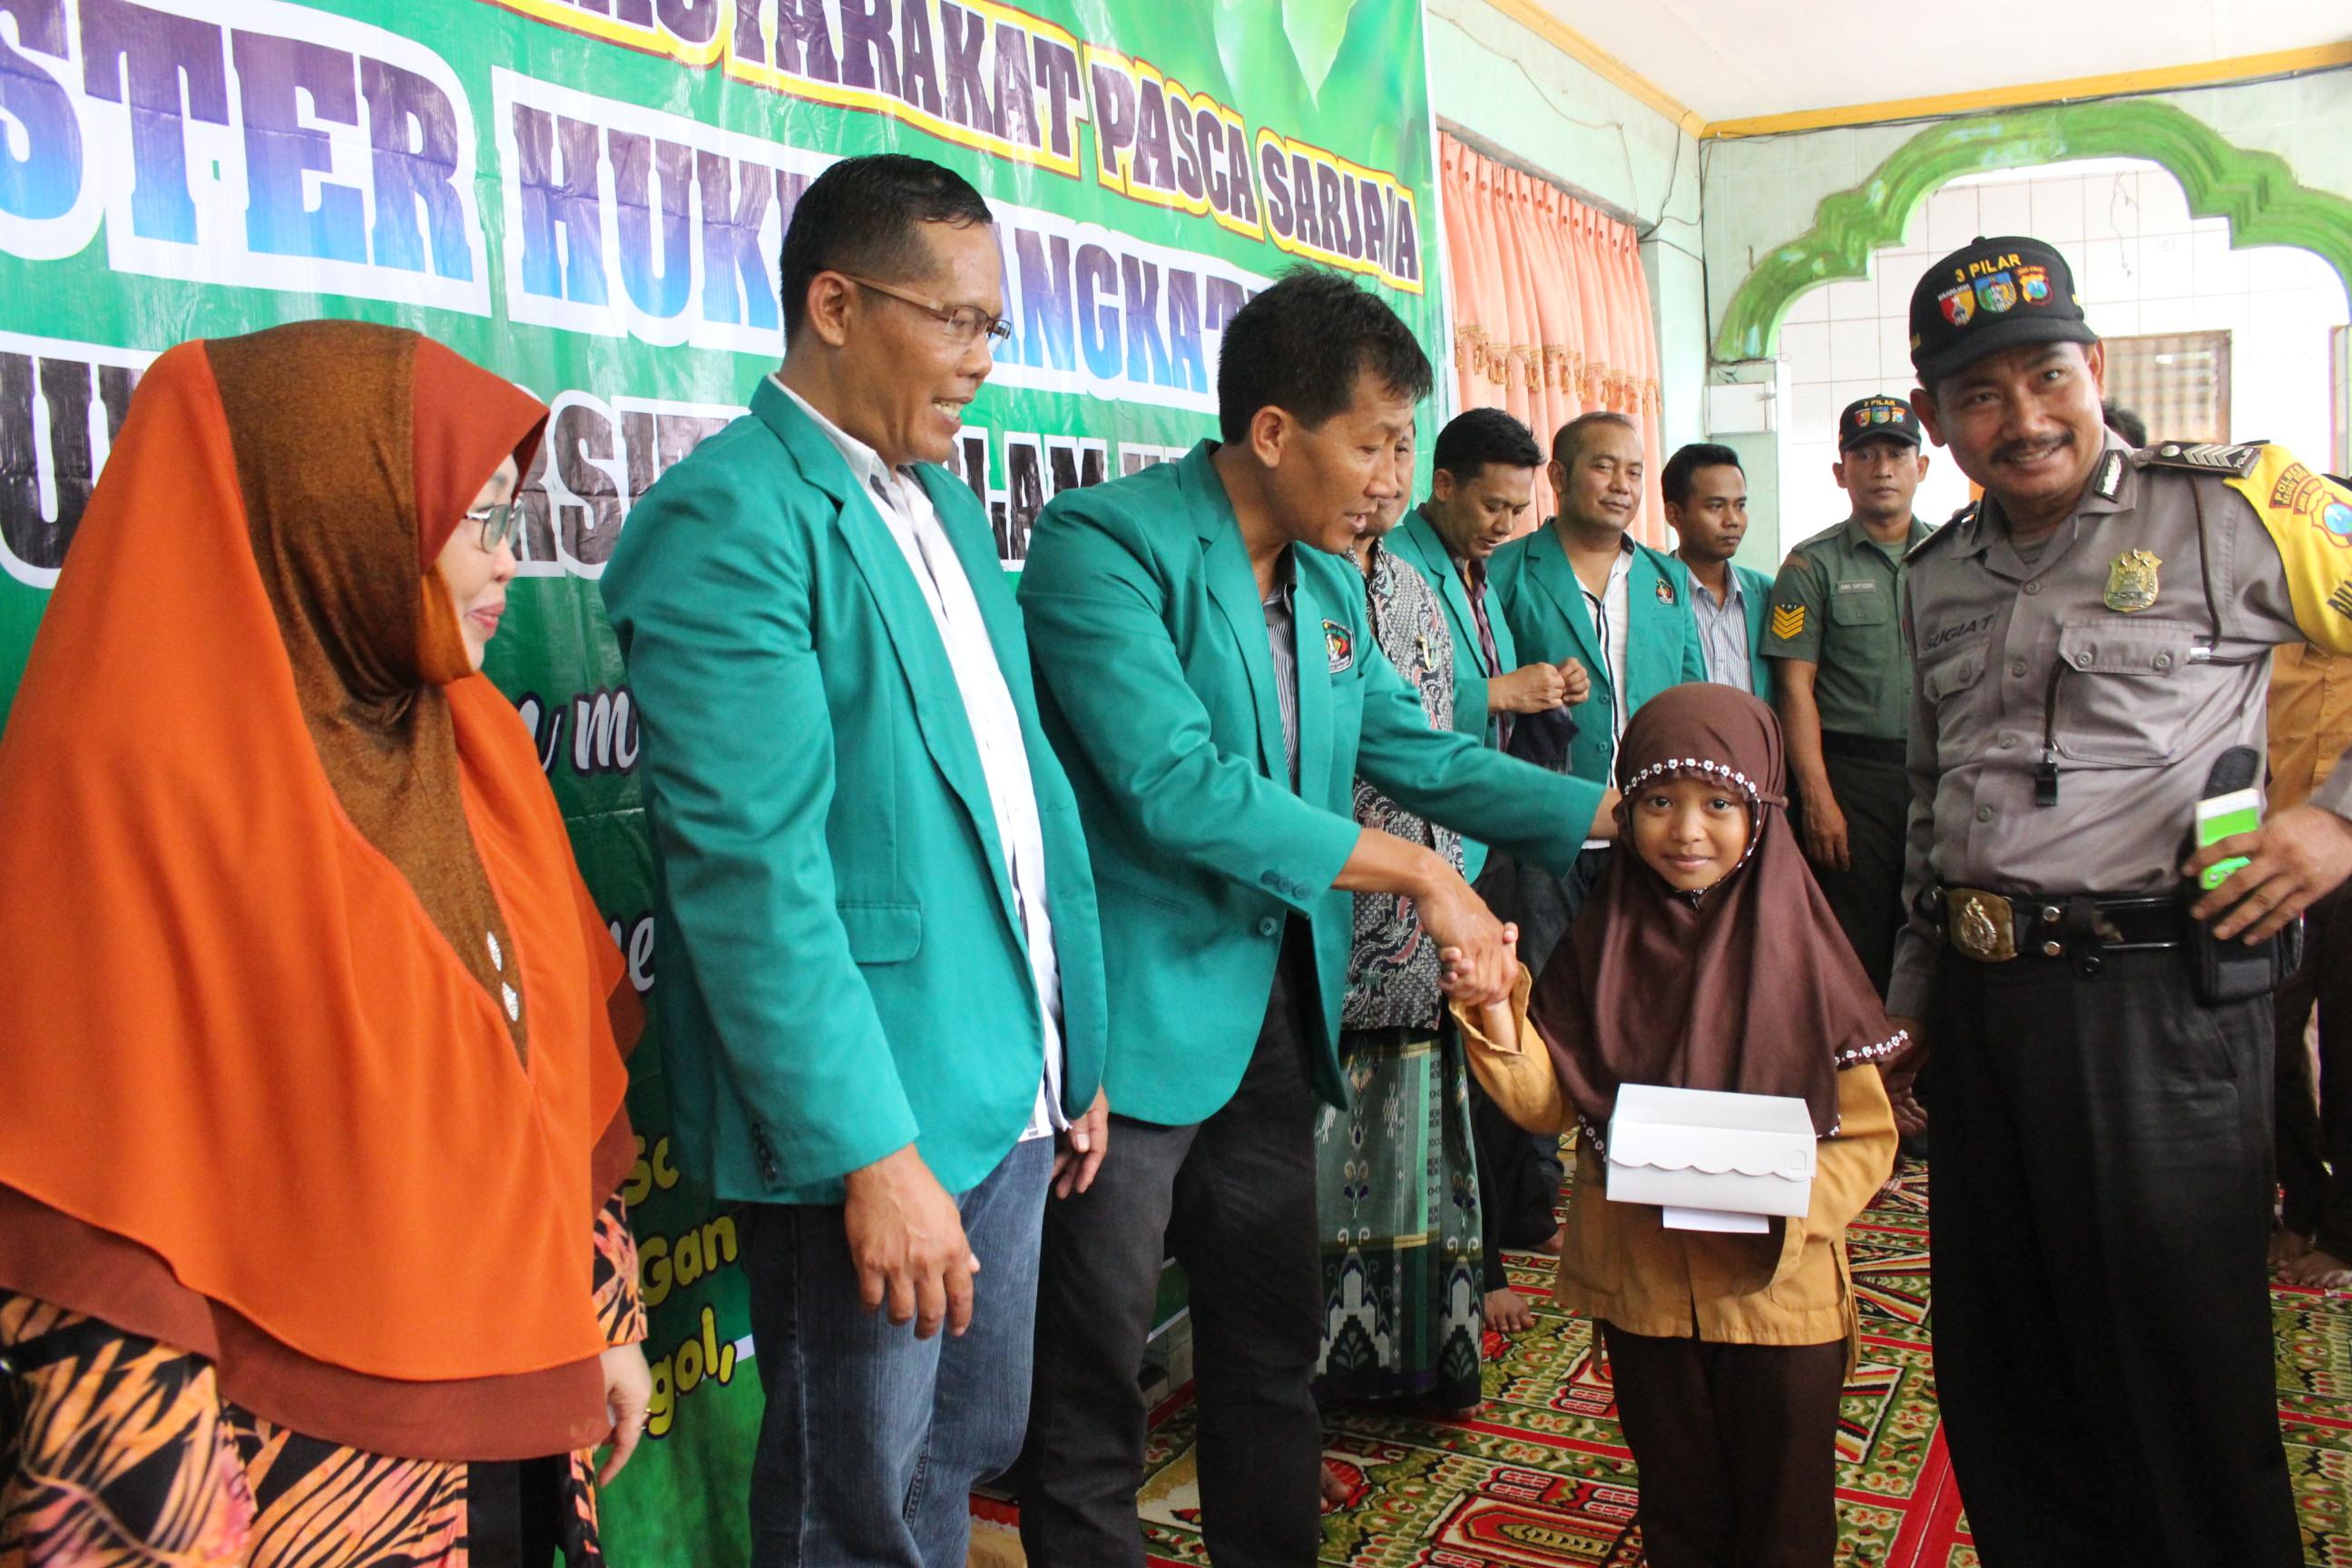 Pengabdian Masyarakat Magister Ilmu Hukum angkatan XVI di Pondok Pesantren Al Huda Grogol Kota Kedir